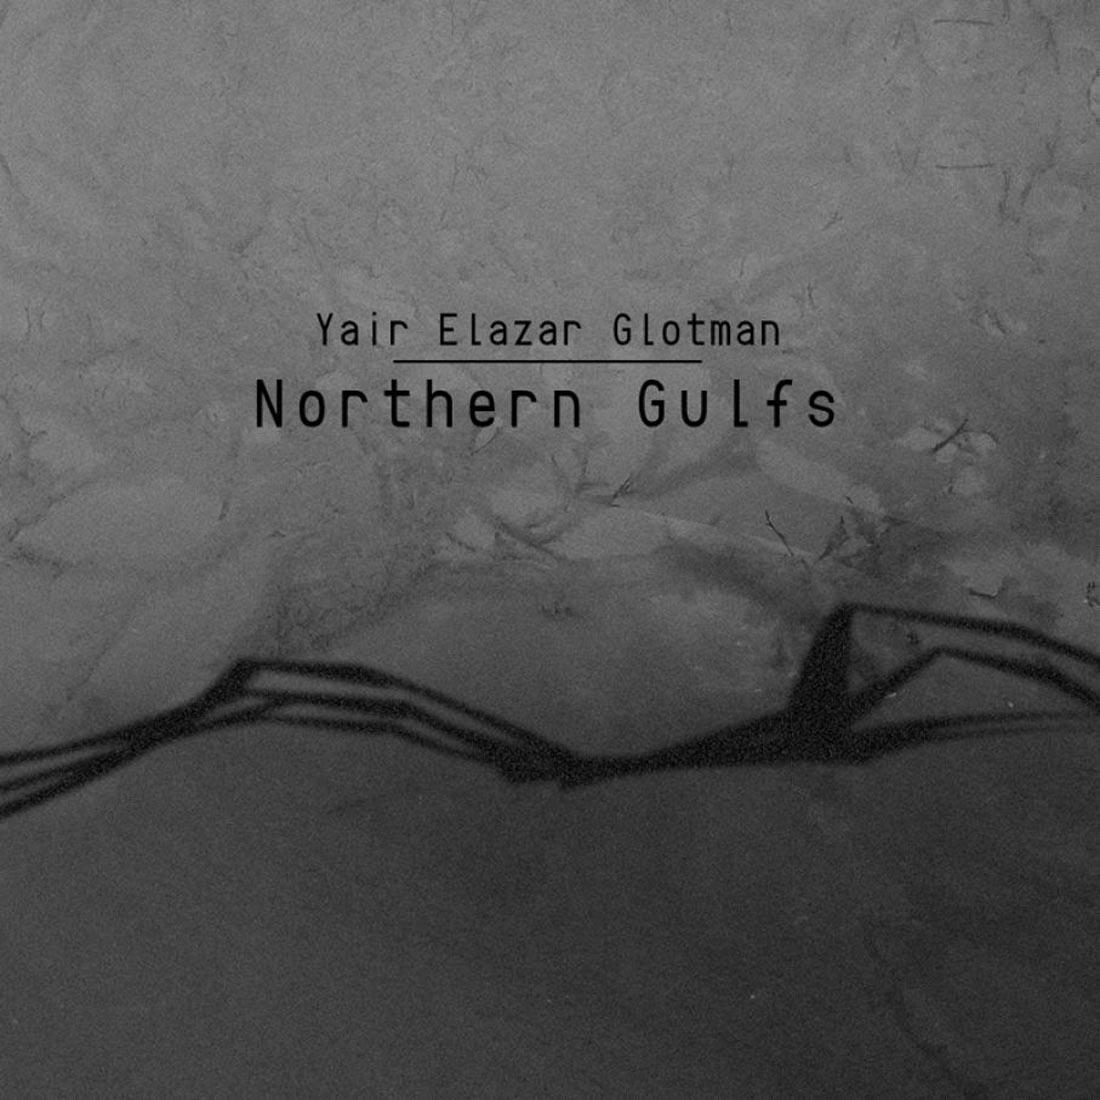 yaif elazar glotman northern gulfs CD